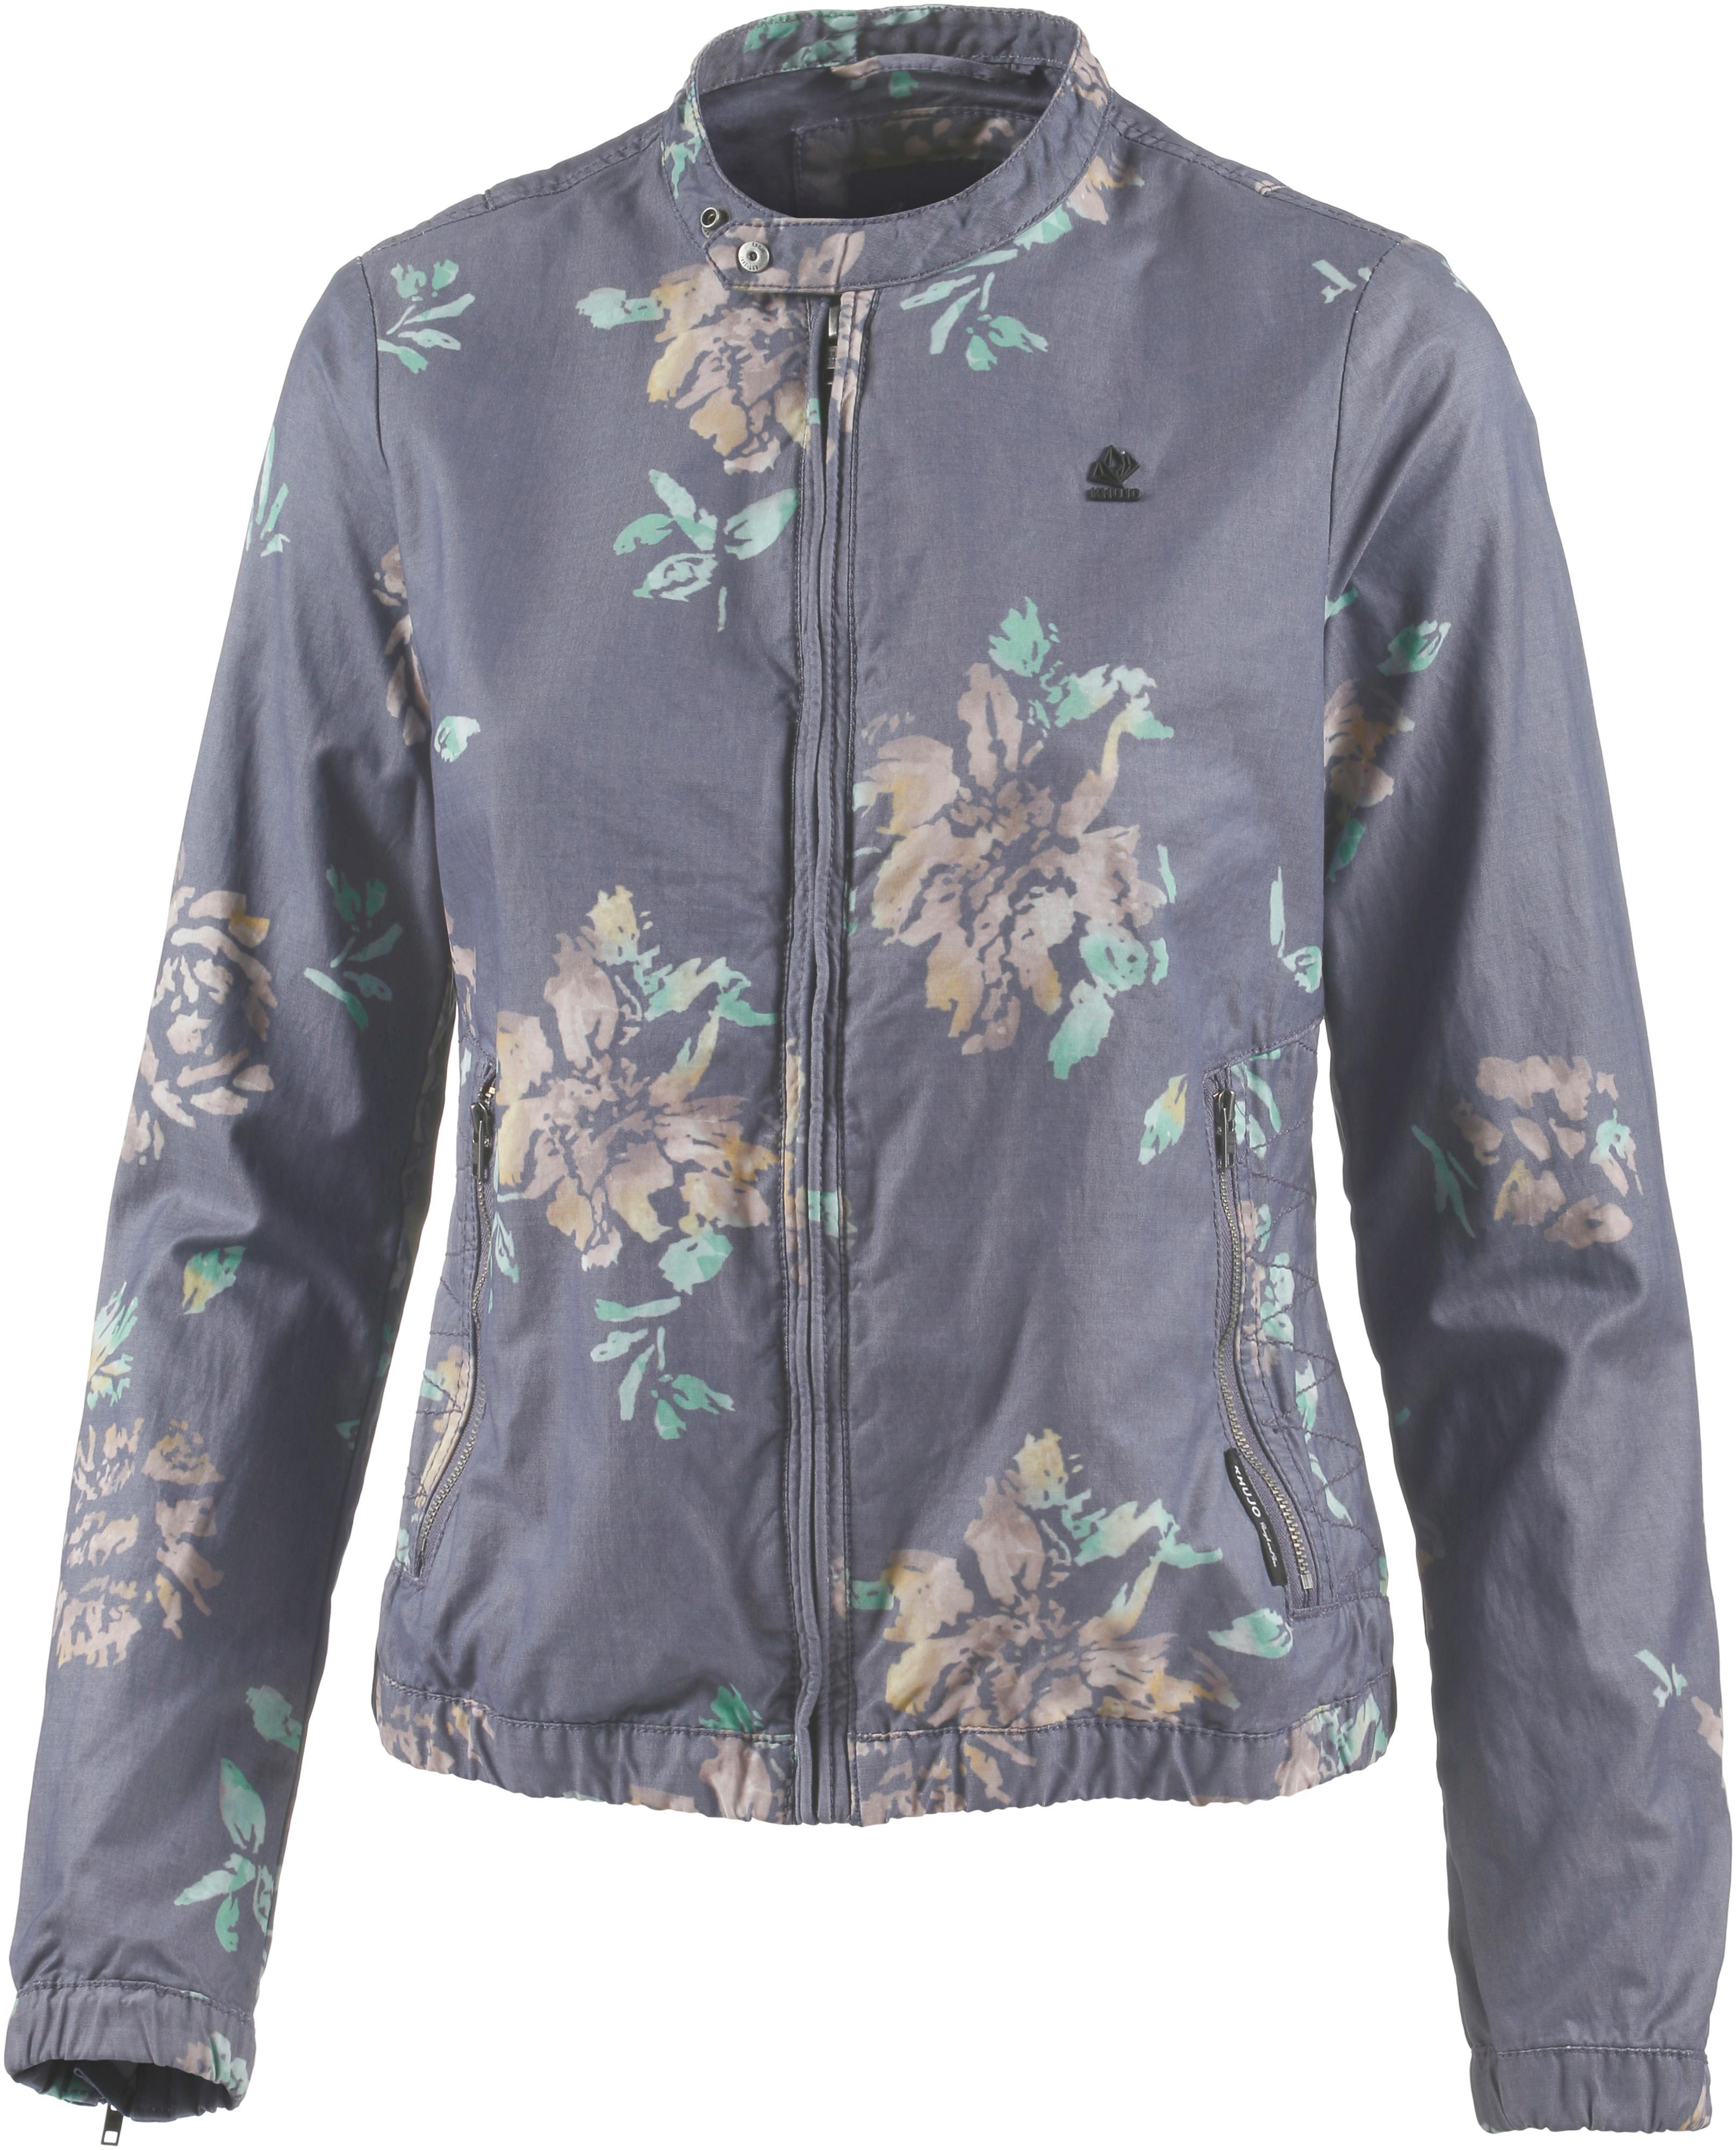 Damen Blousons online günstig kaufen über shop24.at | shop24